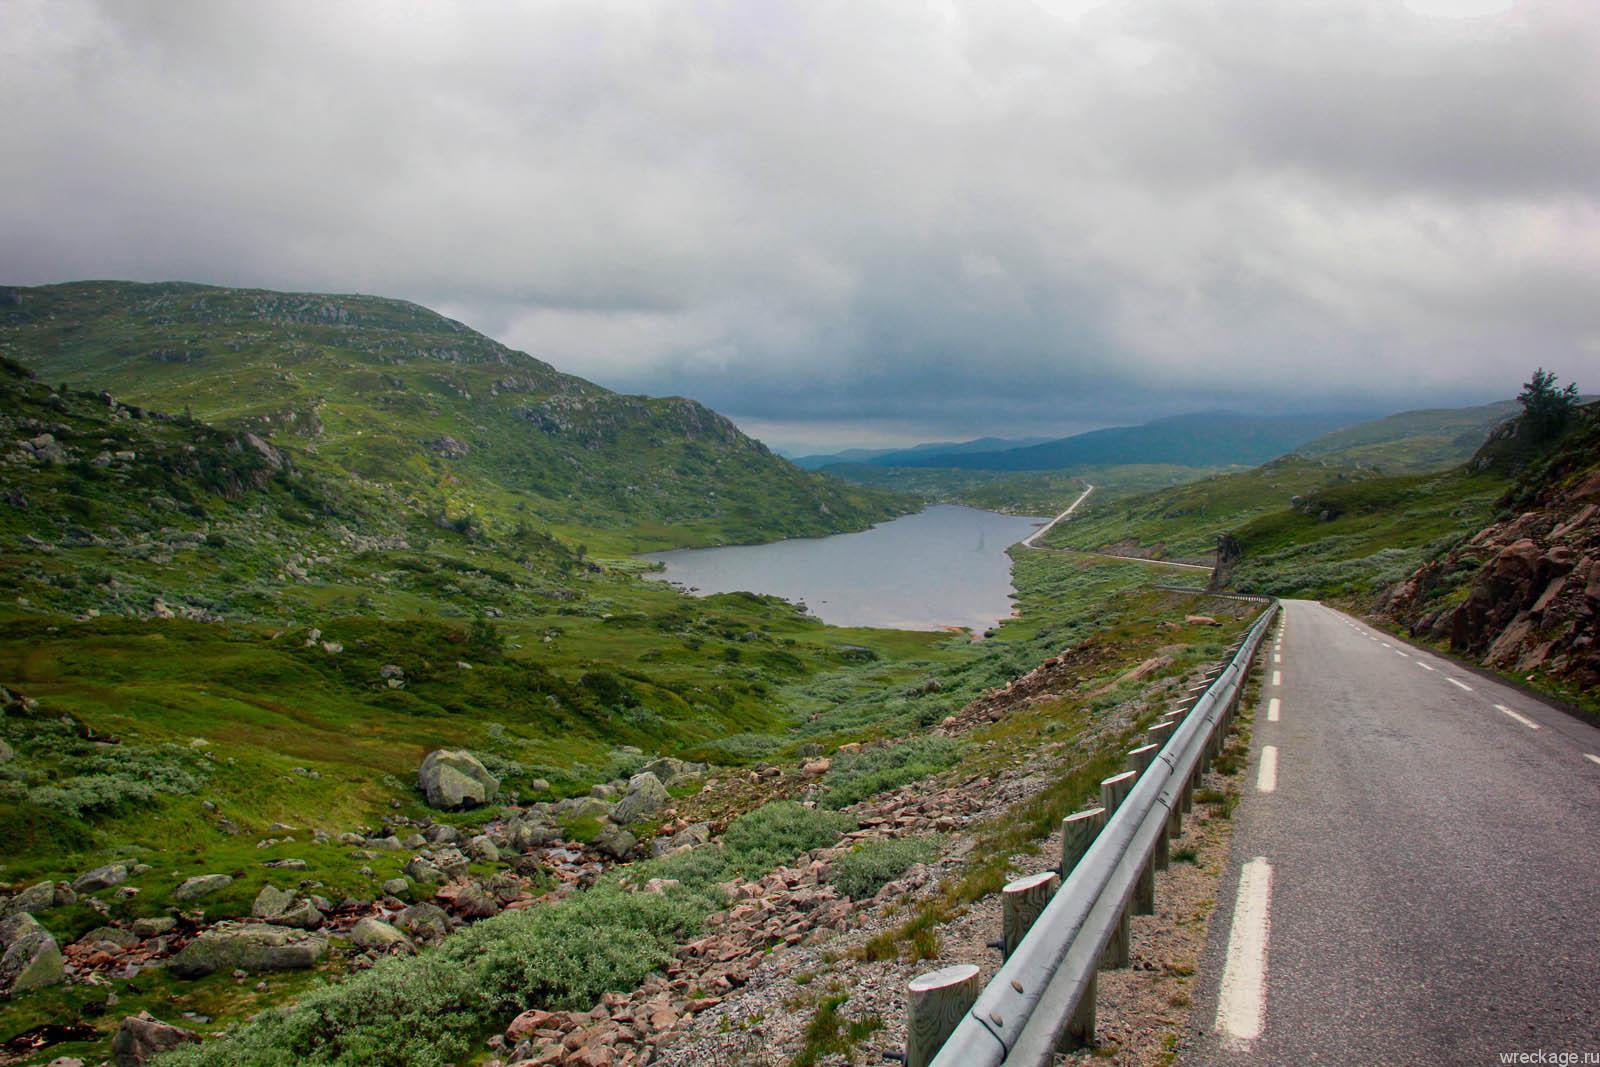 Криистиансанн в Норвегии. Едем транзитом через Швецию